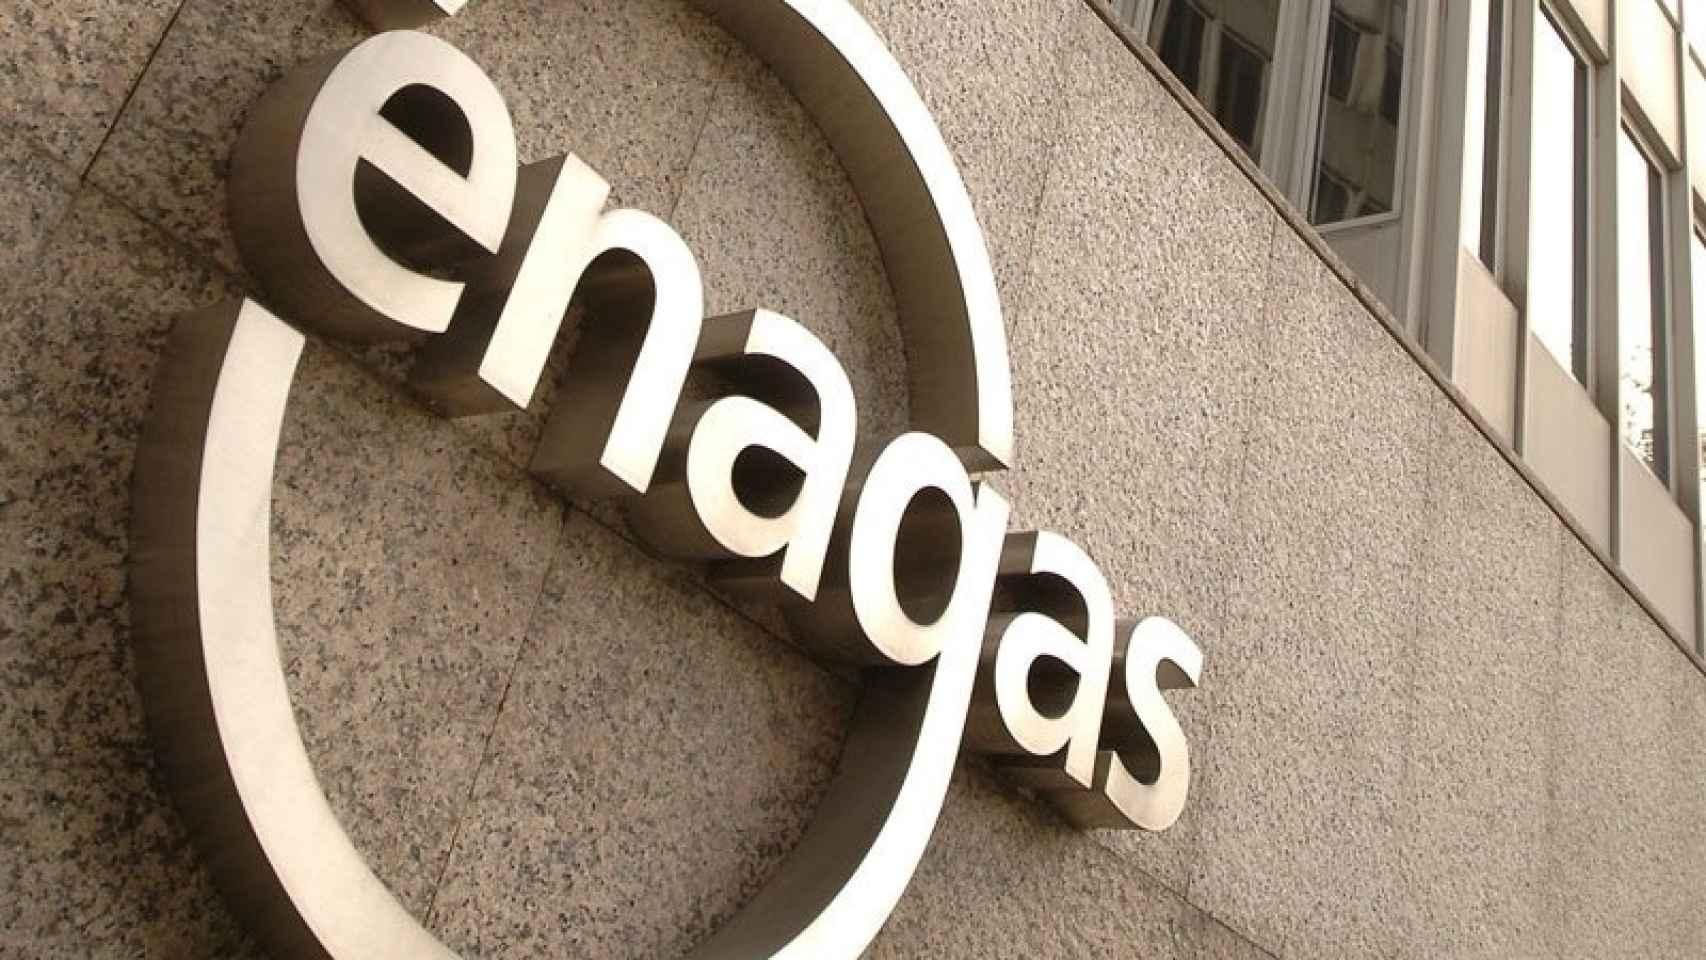 Logotipo de Enagás a la entrada de unas de sus instalaciones.